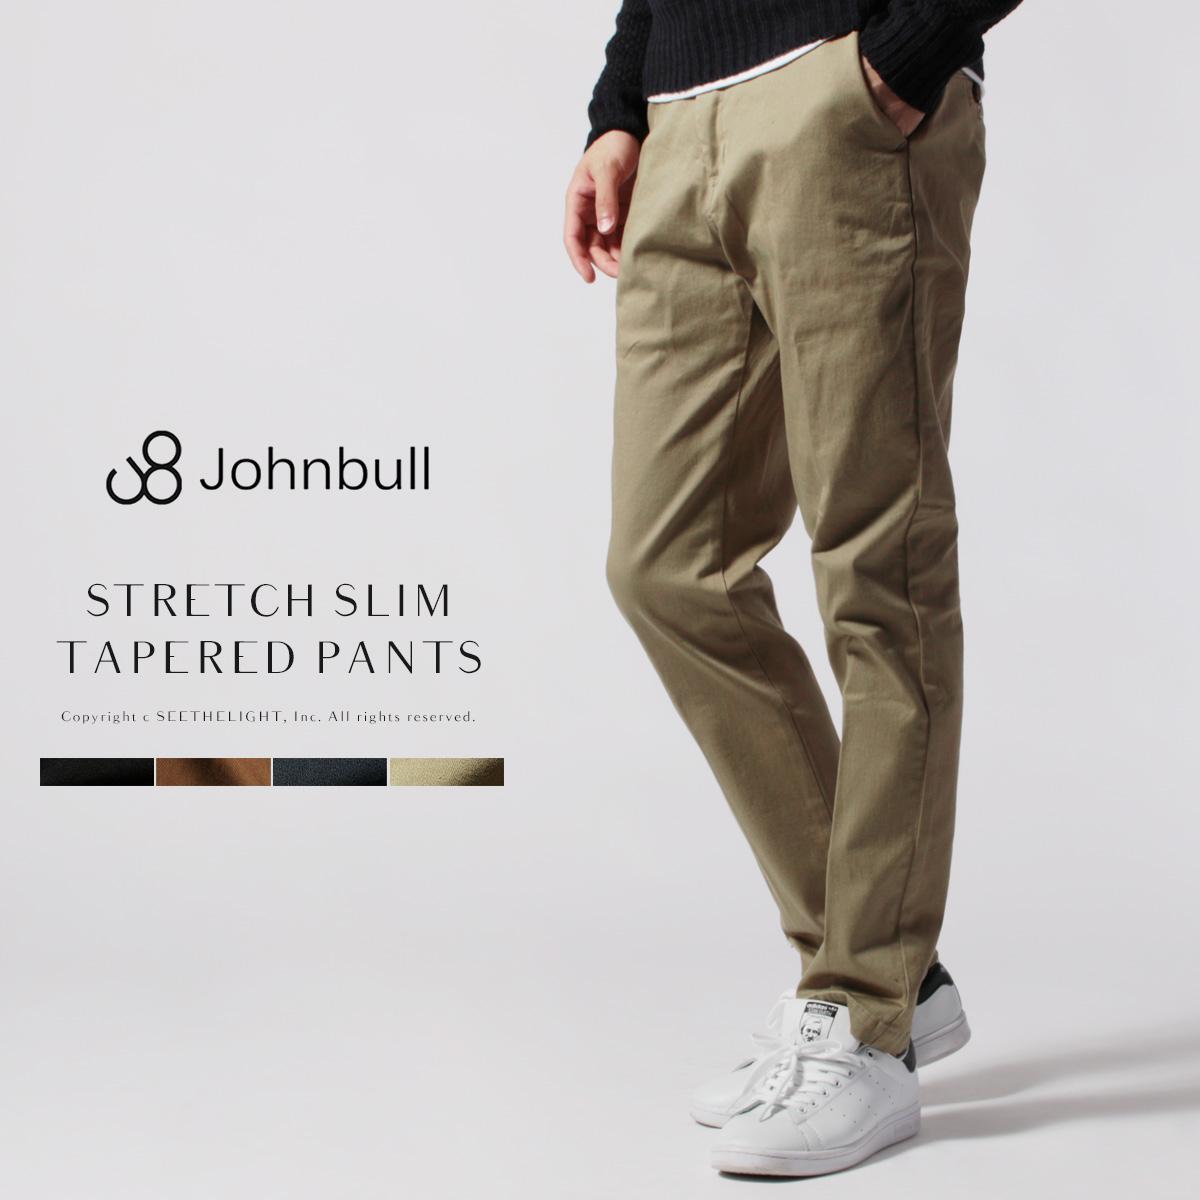 Johnbull ジョンブル チノパン メンズ ハイパー ストレッチモア スリム テーパード スリムテーパード パンツ 21238トラウザー スラックス 日本製